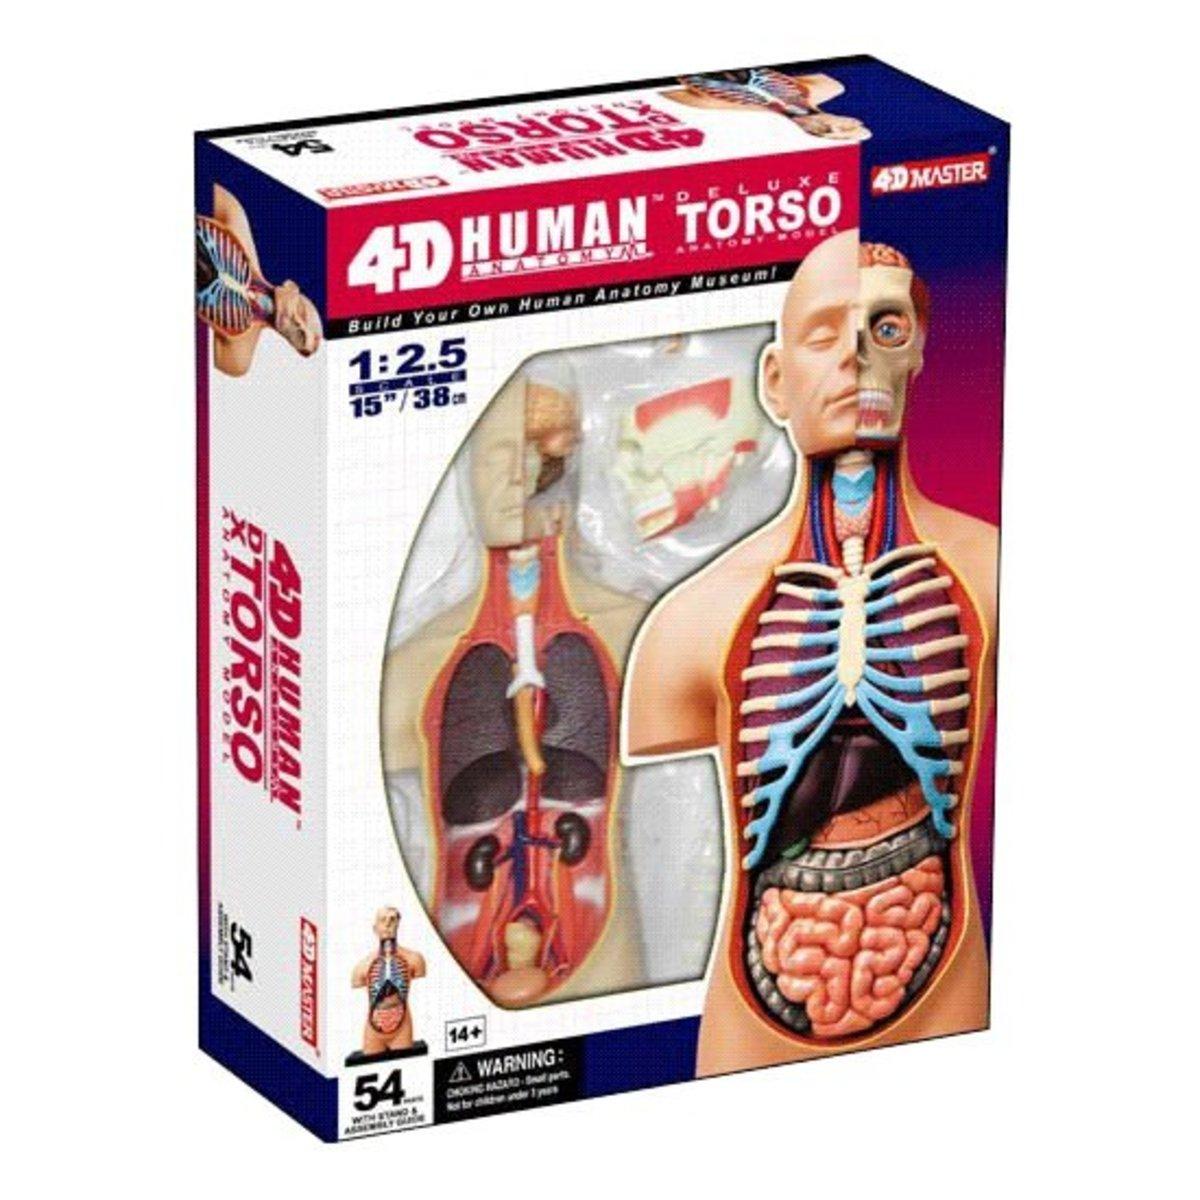 人體解剖模型-15英寸半體人體